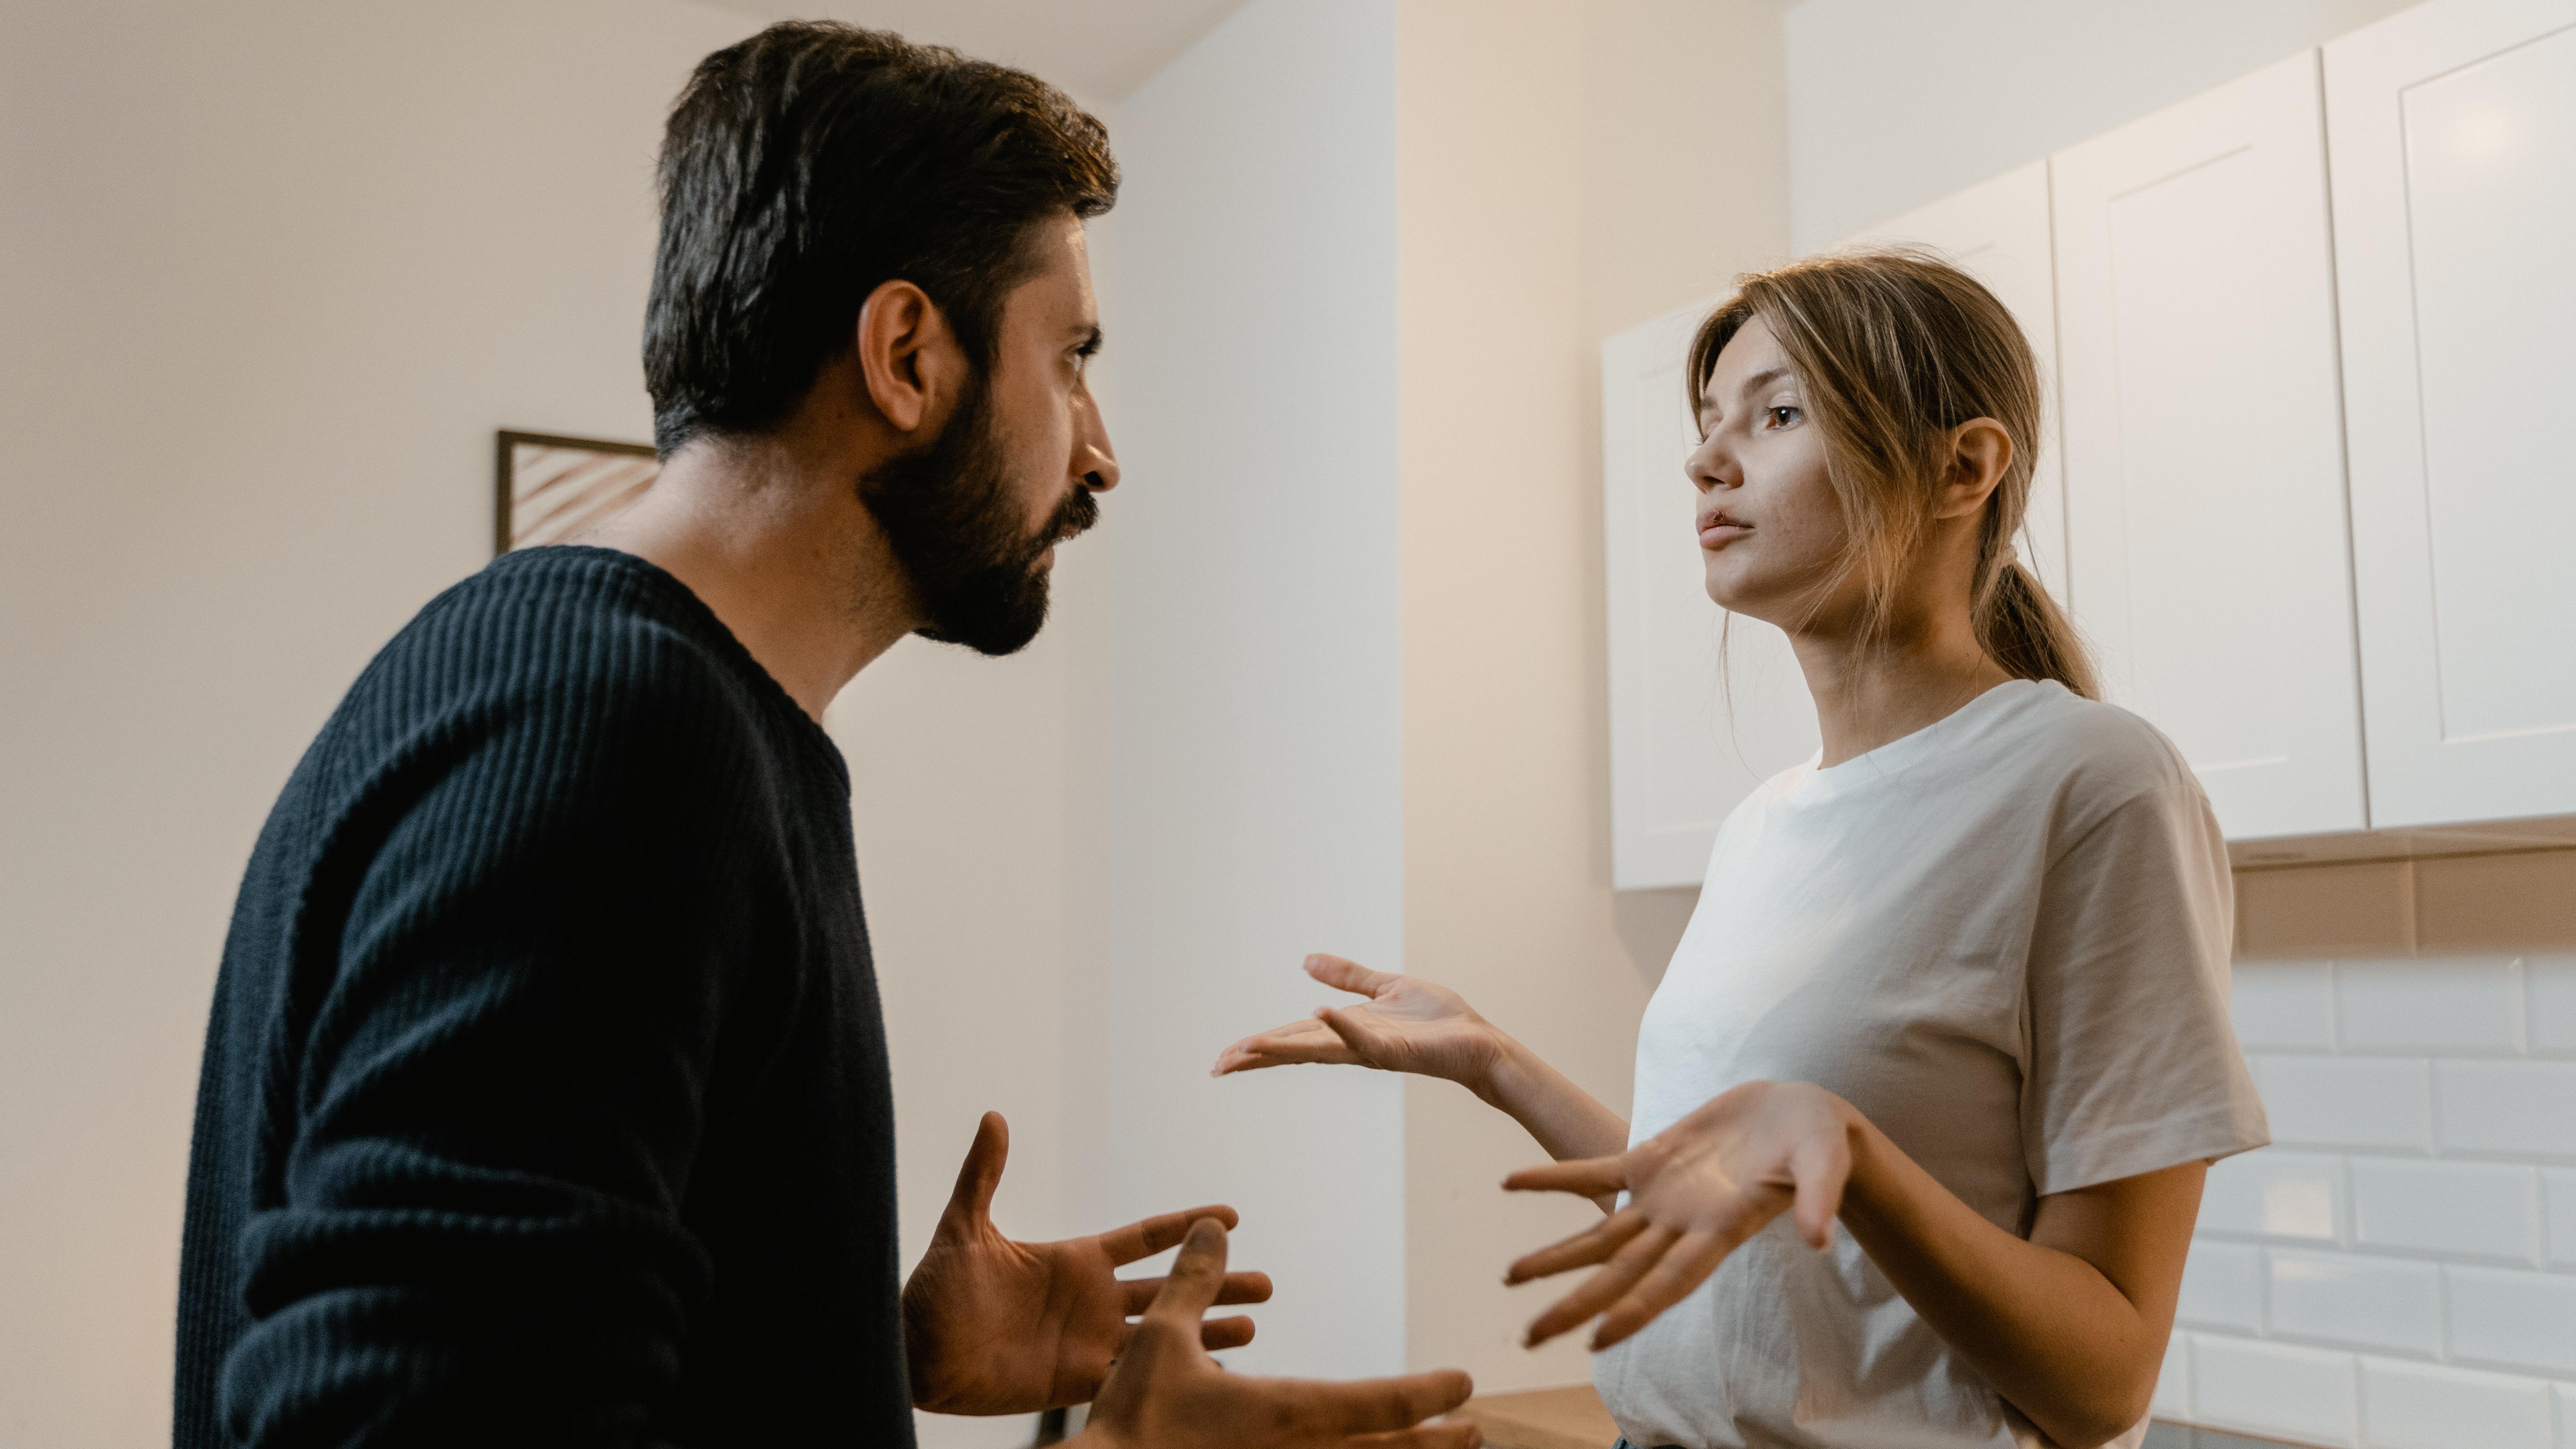 Es gibt Menschen, die in der Liebe Manipulation gezielt gegen ihren Partner einsetzen, ohne dass der Andere etwas davon merkt.